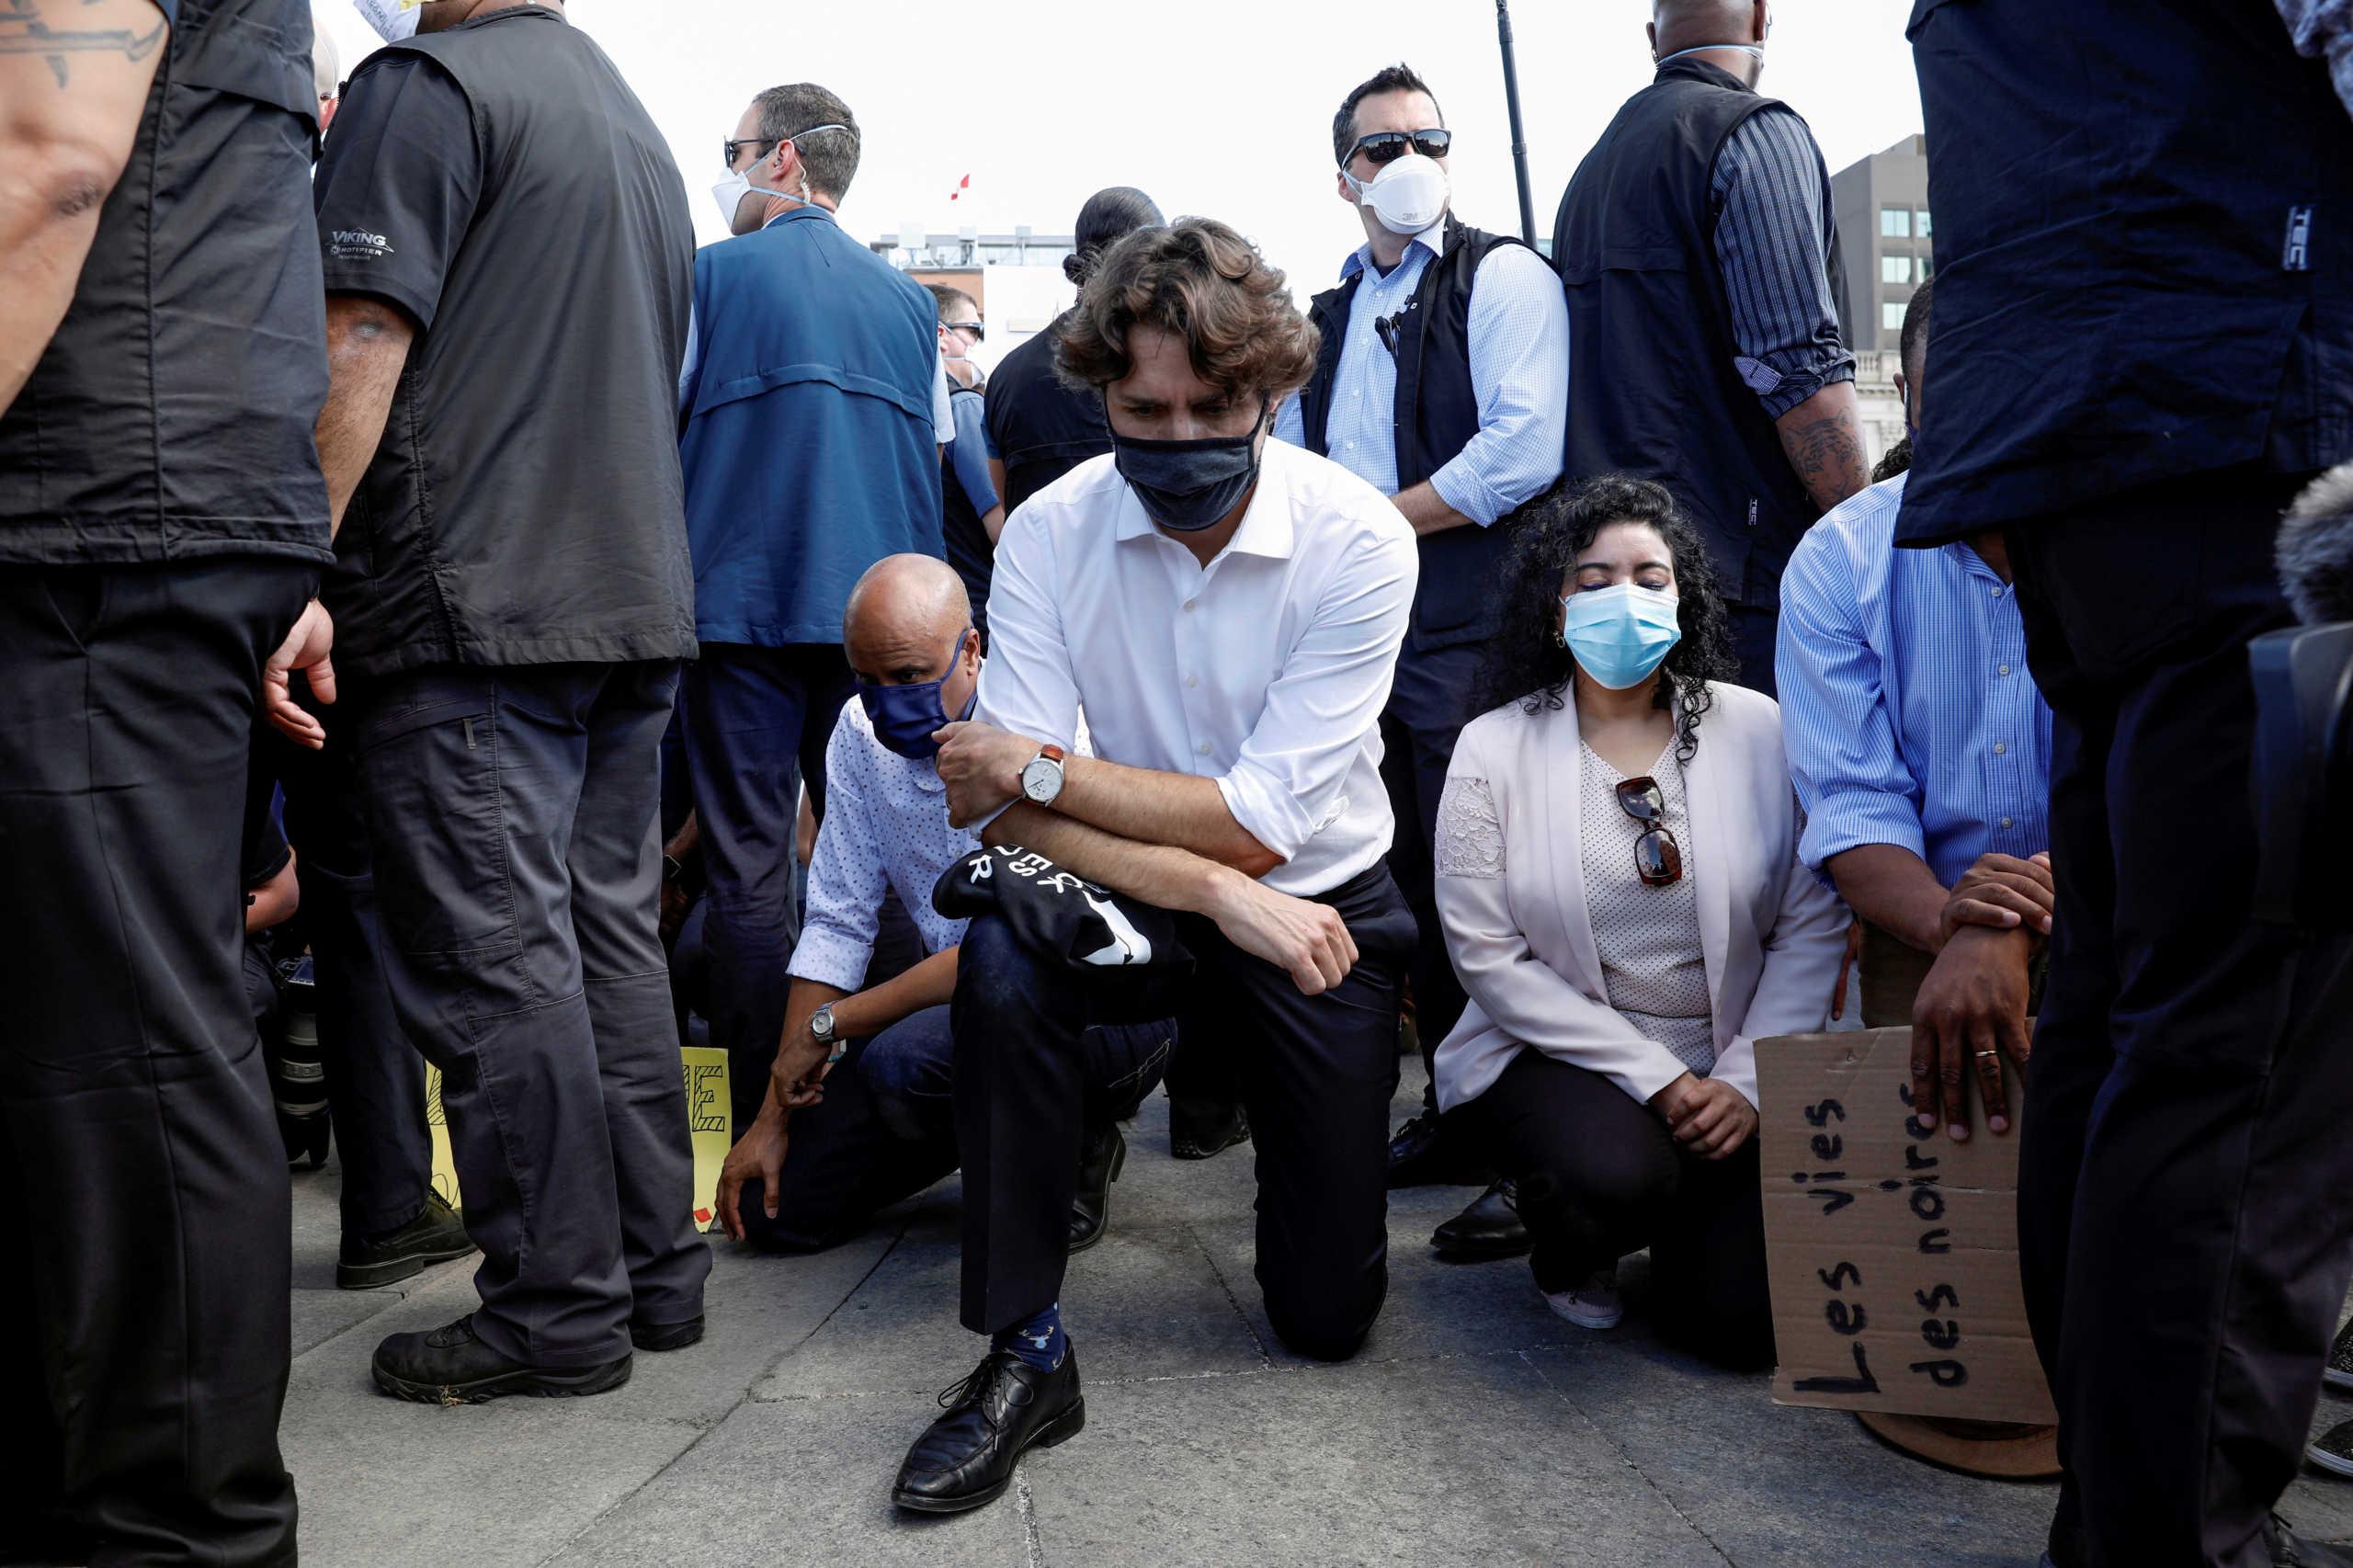 Τζορτζ Φλόιντ: Ο Τζάστιν Τριντό γονάτισε σε διαδήλωση κατά του ρατσισμού (pic, video)